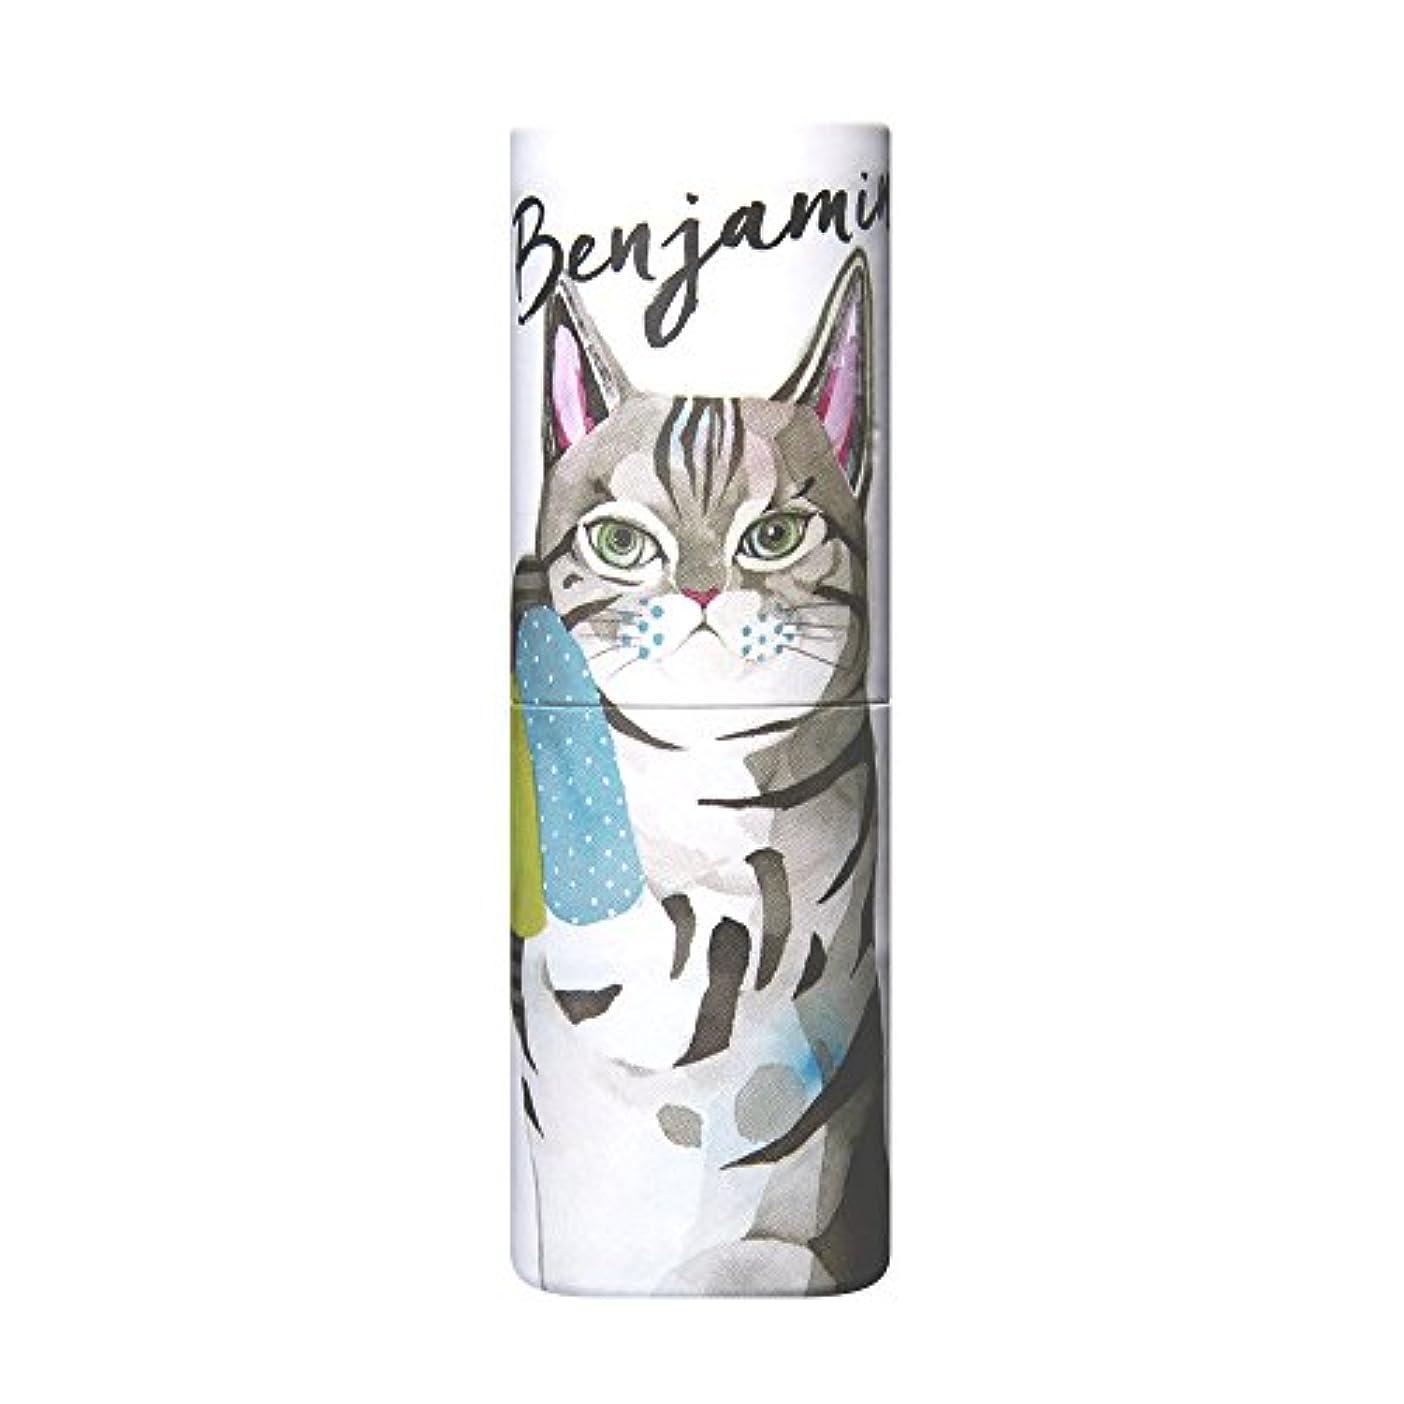 予防接種電卓提供されたヴァシリーサ パフュームスティック ベンジャミン ネコ  ねり香水 5g